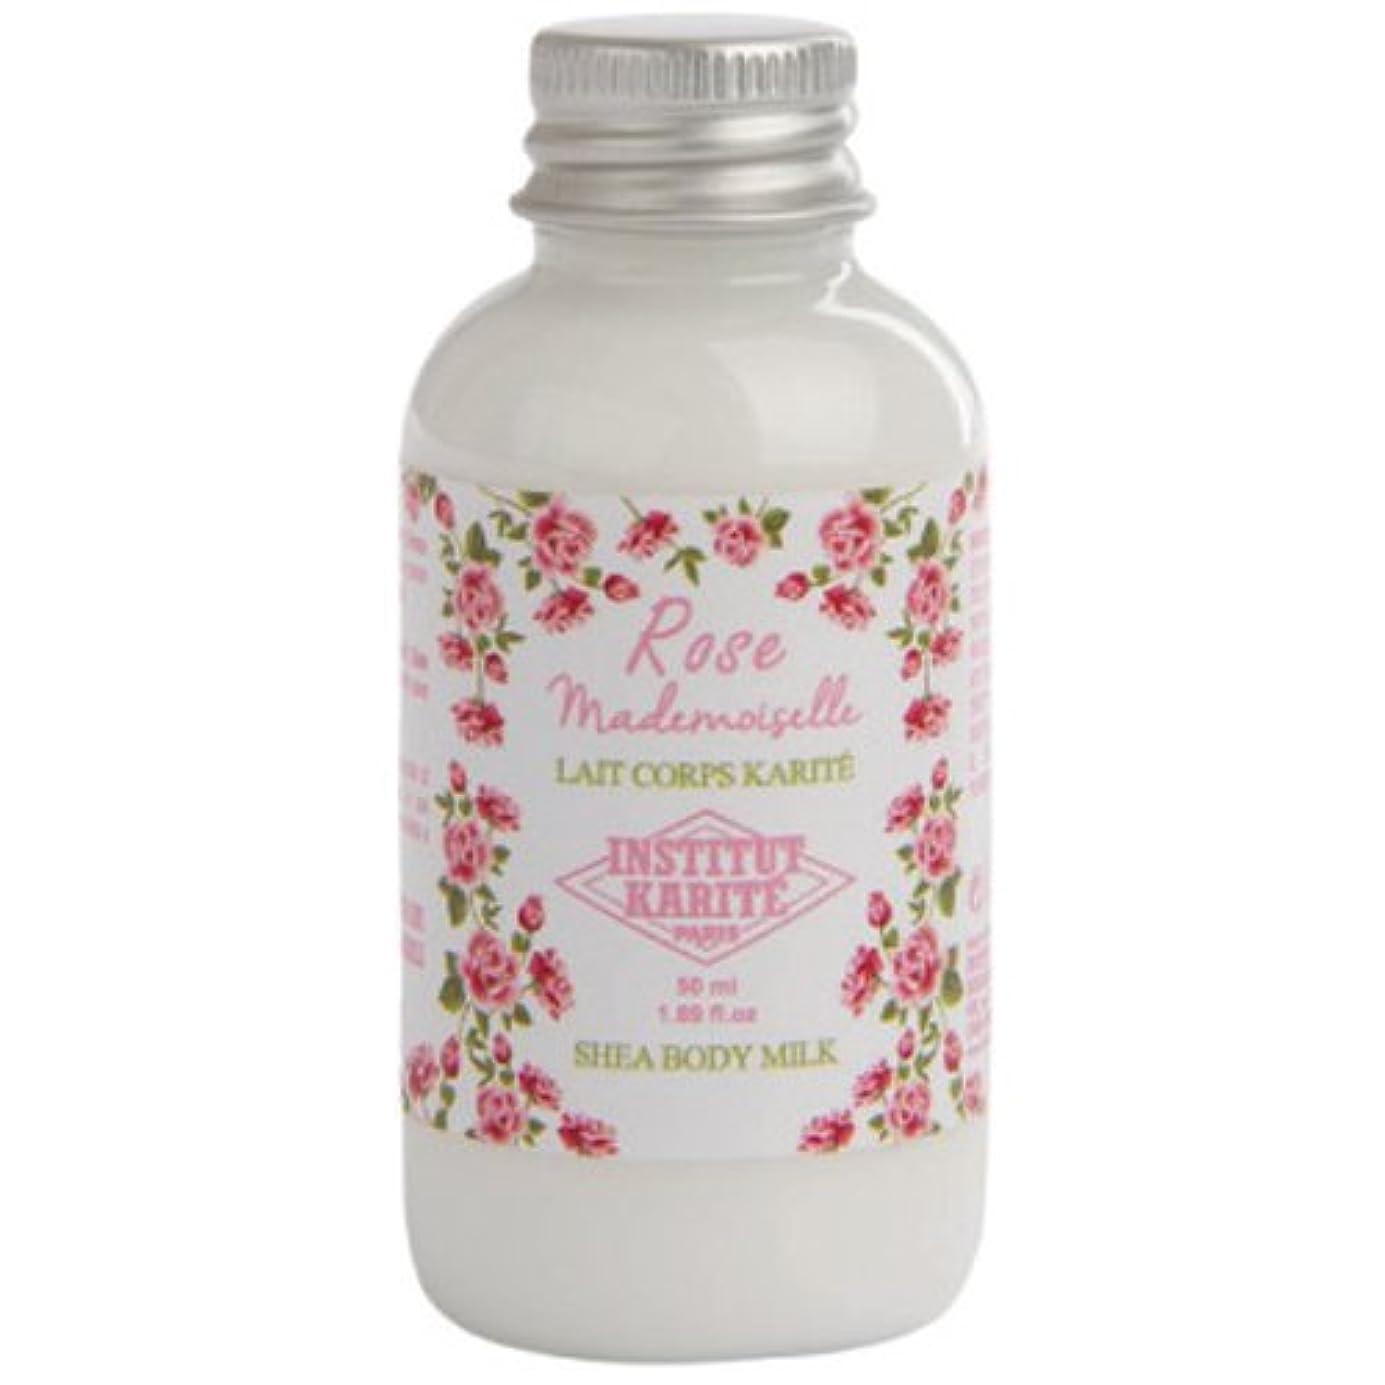 動詞本部失業者INSTITUT KARITE カリテ Rose Mademoiselle クラシックローズ Travel Shea Body Milk 50ml